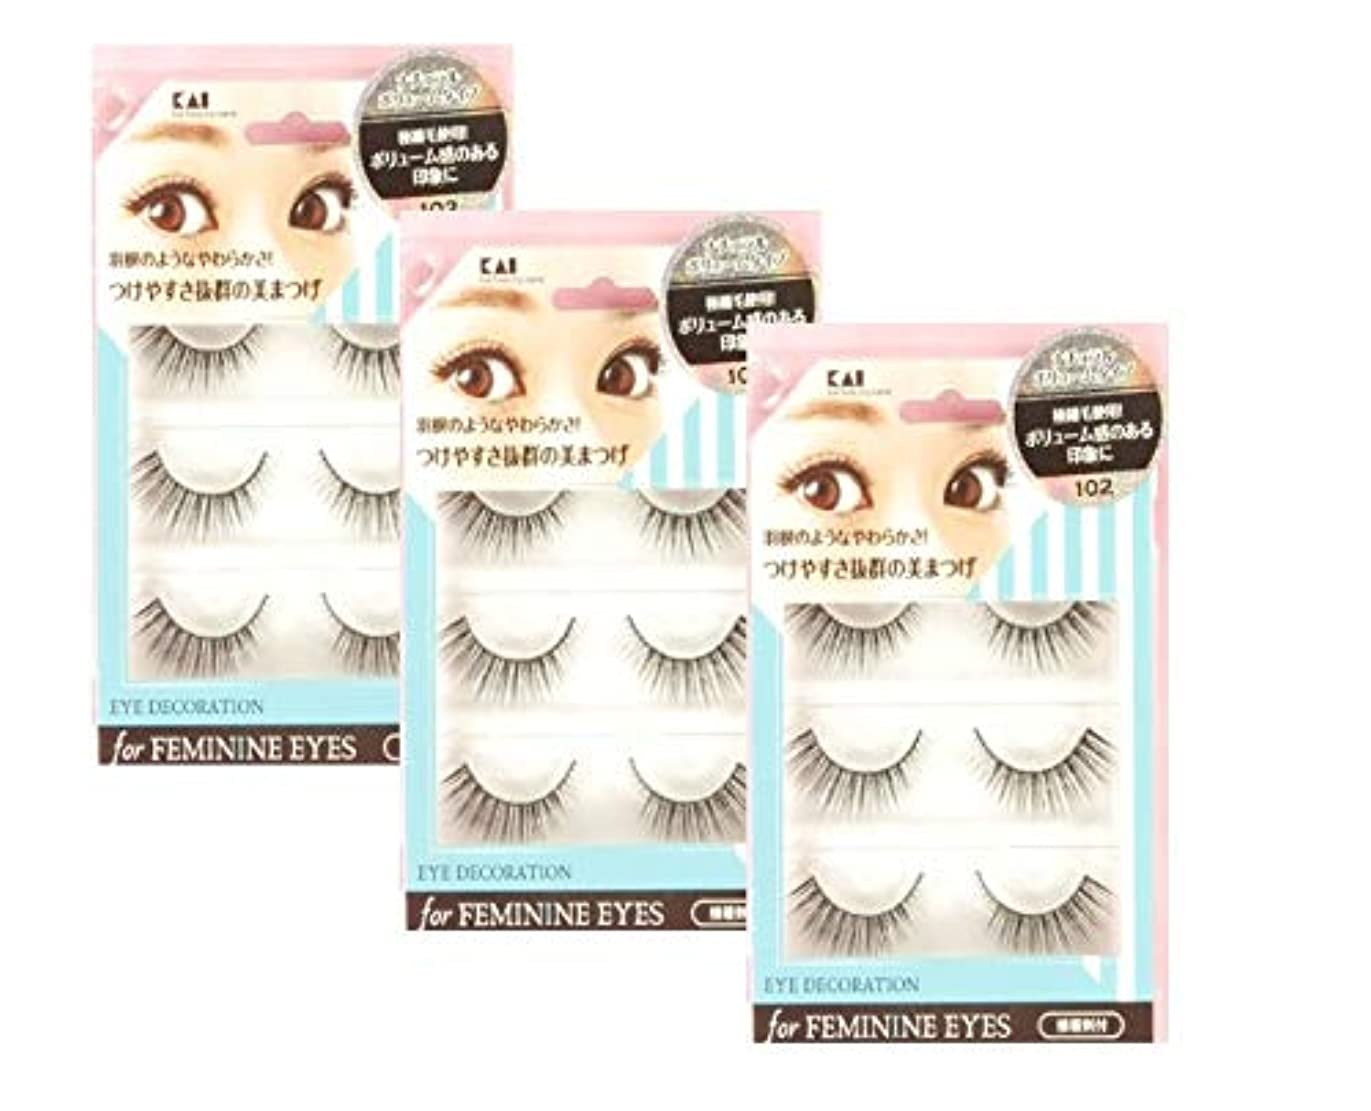 モンク結紮コークス【まとめ買い3個セット】アイデコレーション for feminine eyes 102 ナチュラルボリュームタイプ